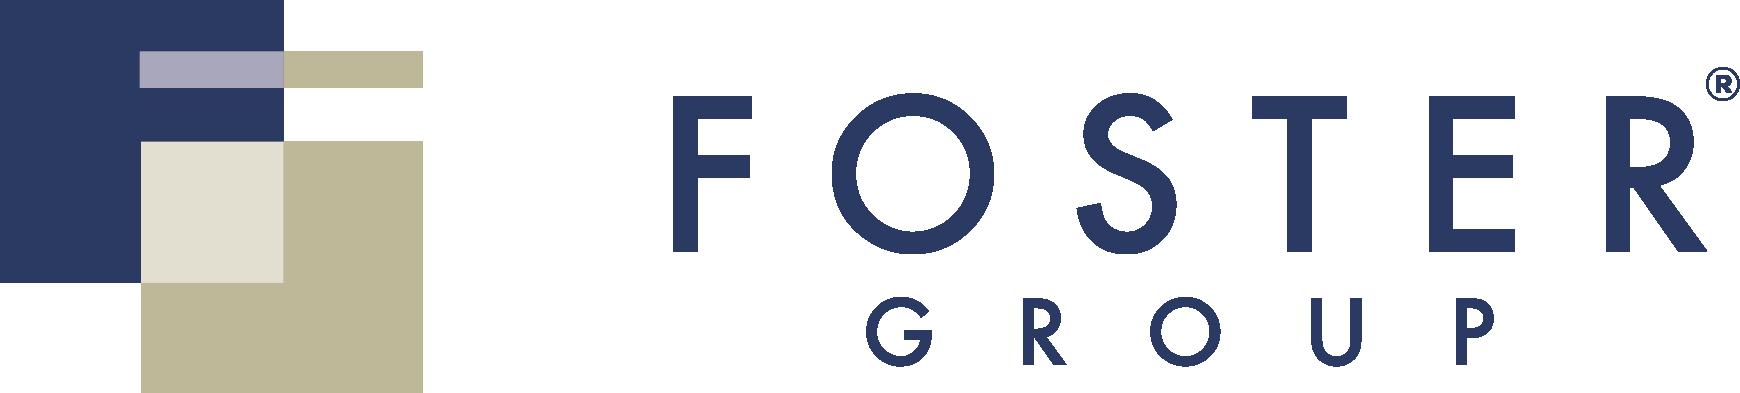 FG logo -horizontal -4C_cropped.png